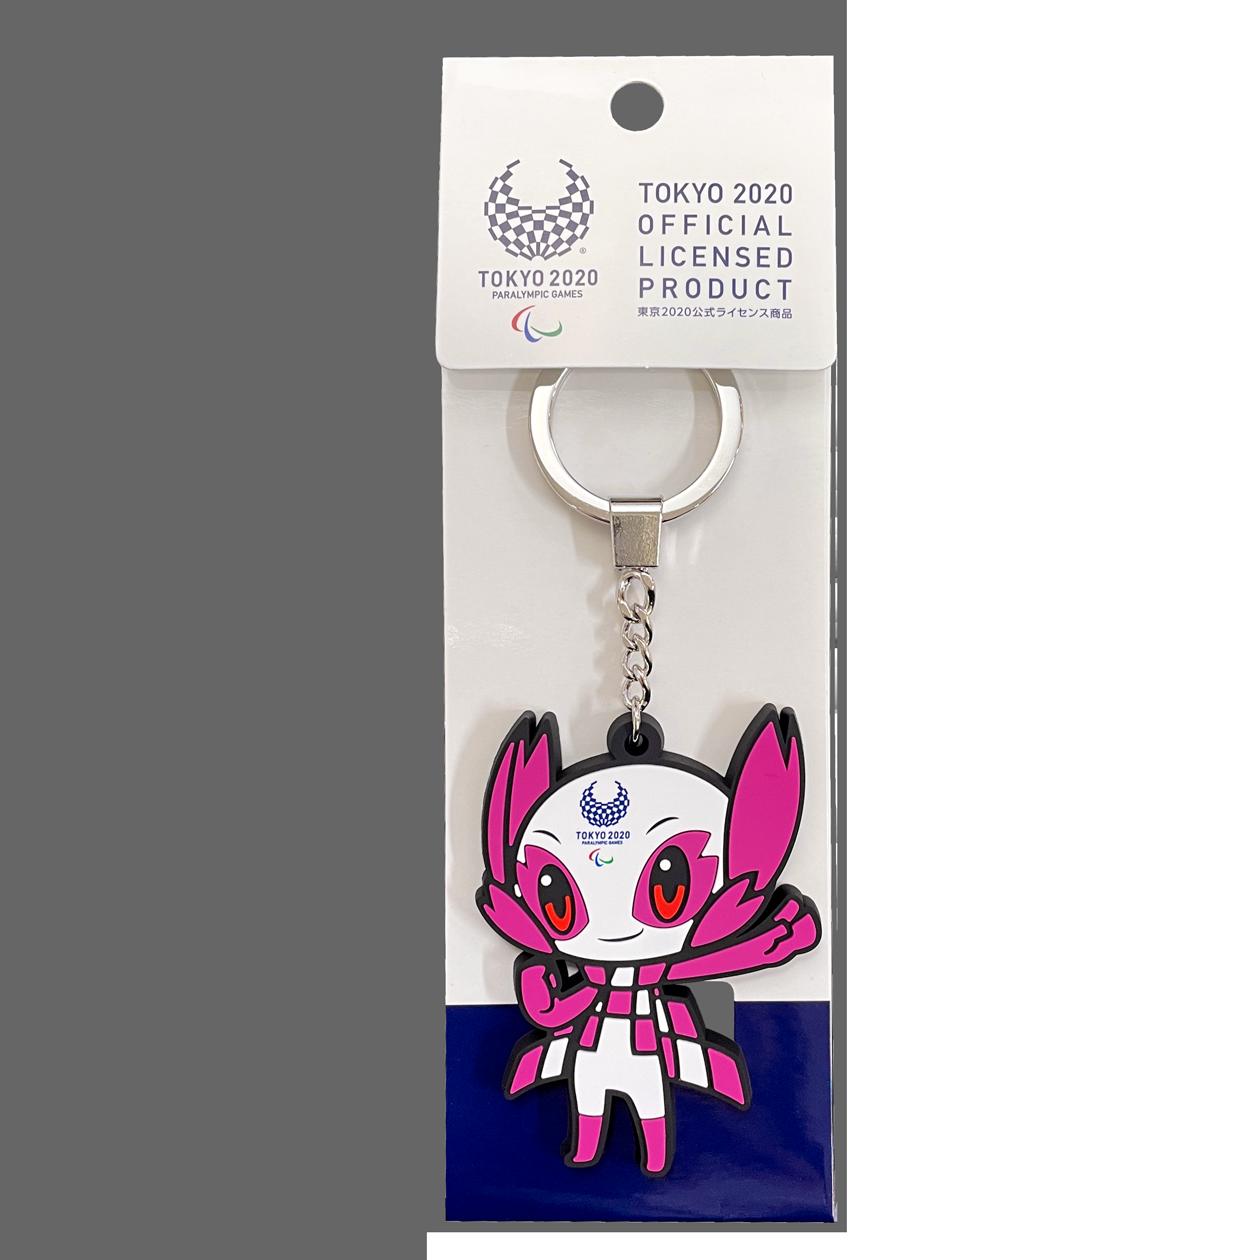 【セール価格】東京2020パラリンピックマスコットラバーキーホルダー(ダイカット)